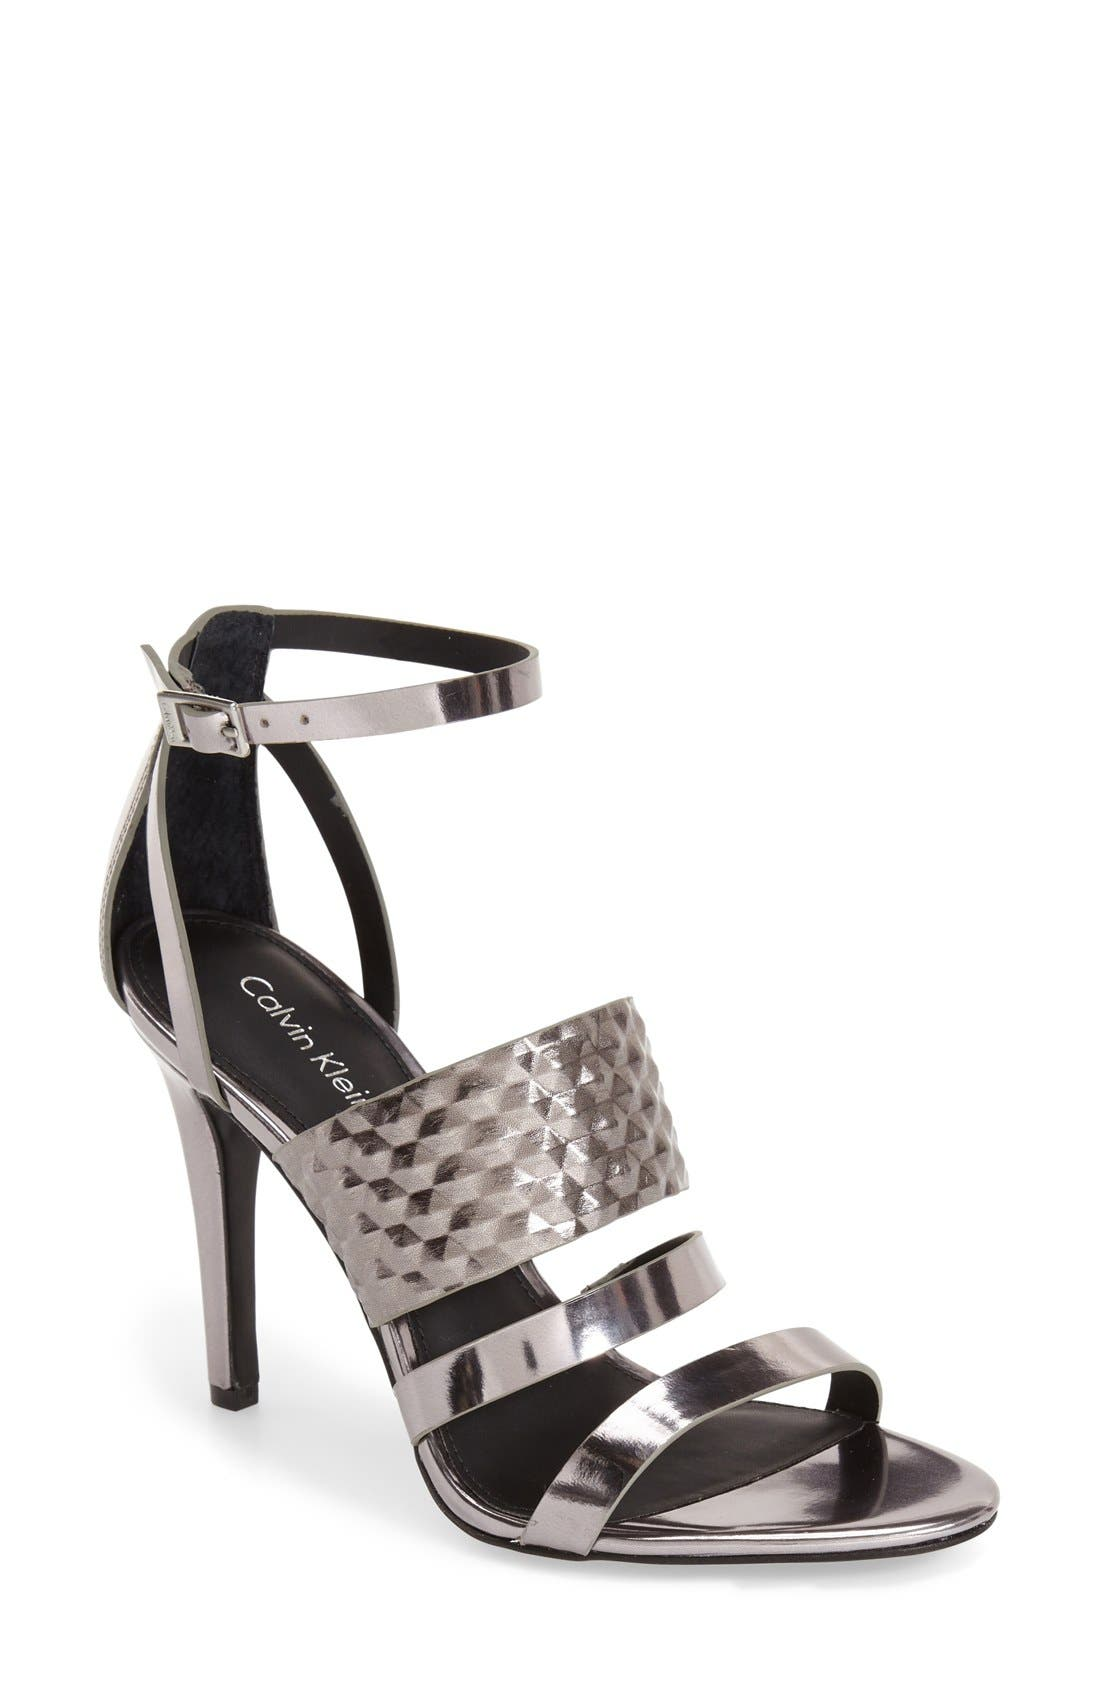 Main Image - Calvin Klein 'Mayra' Cage Sandal (Women)